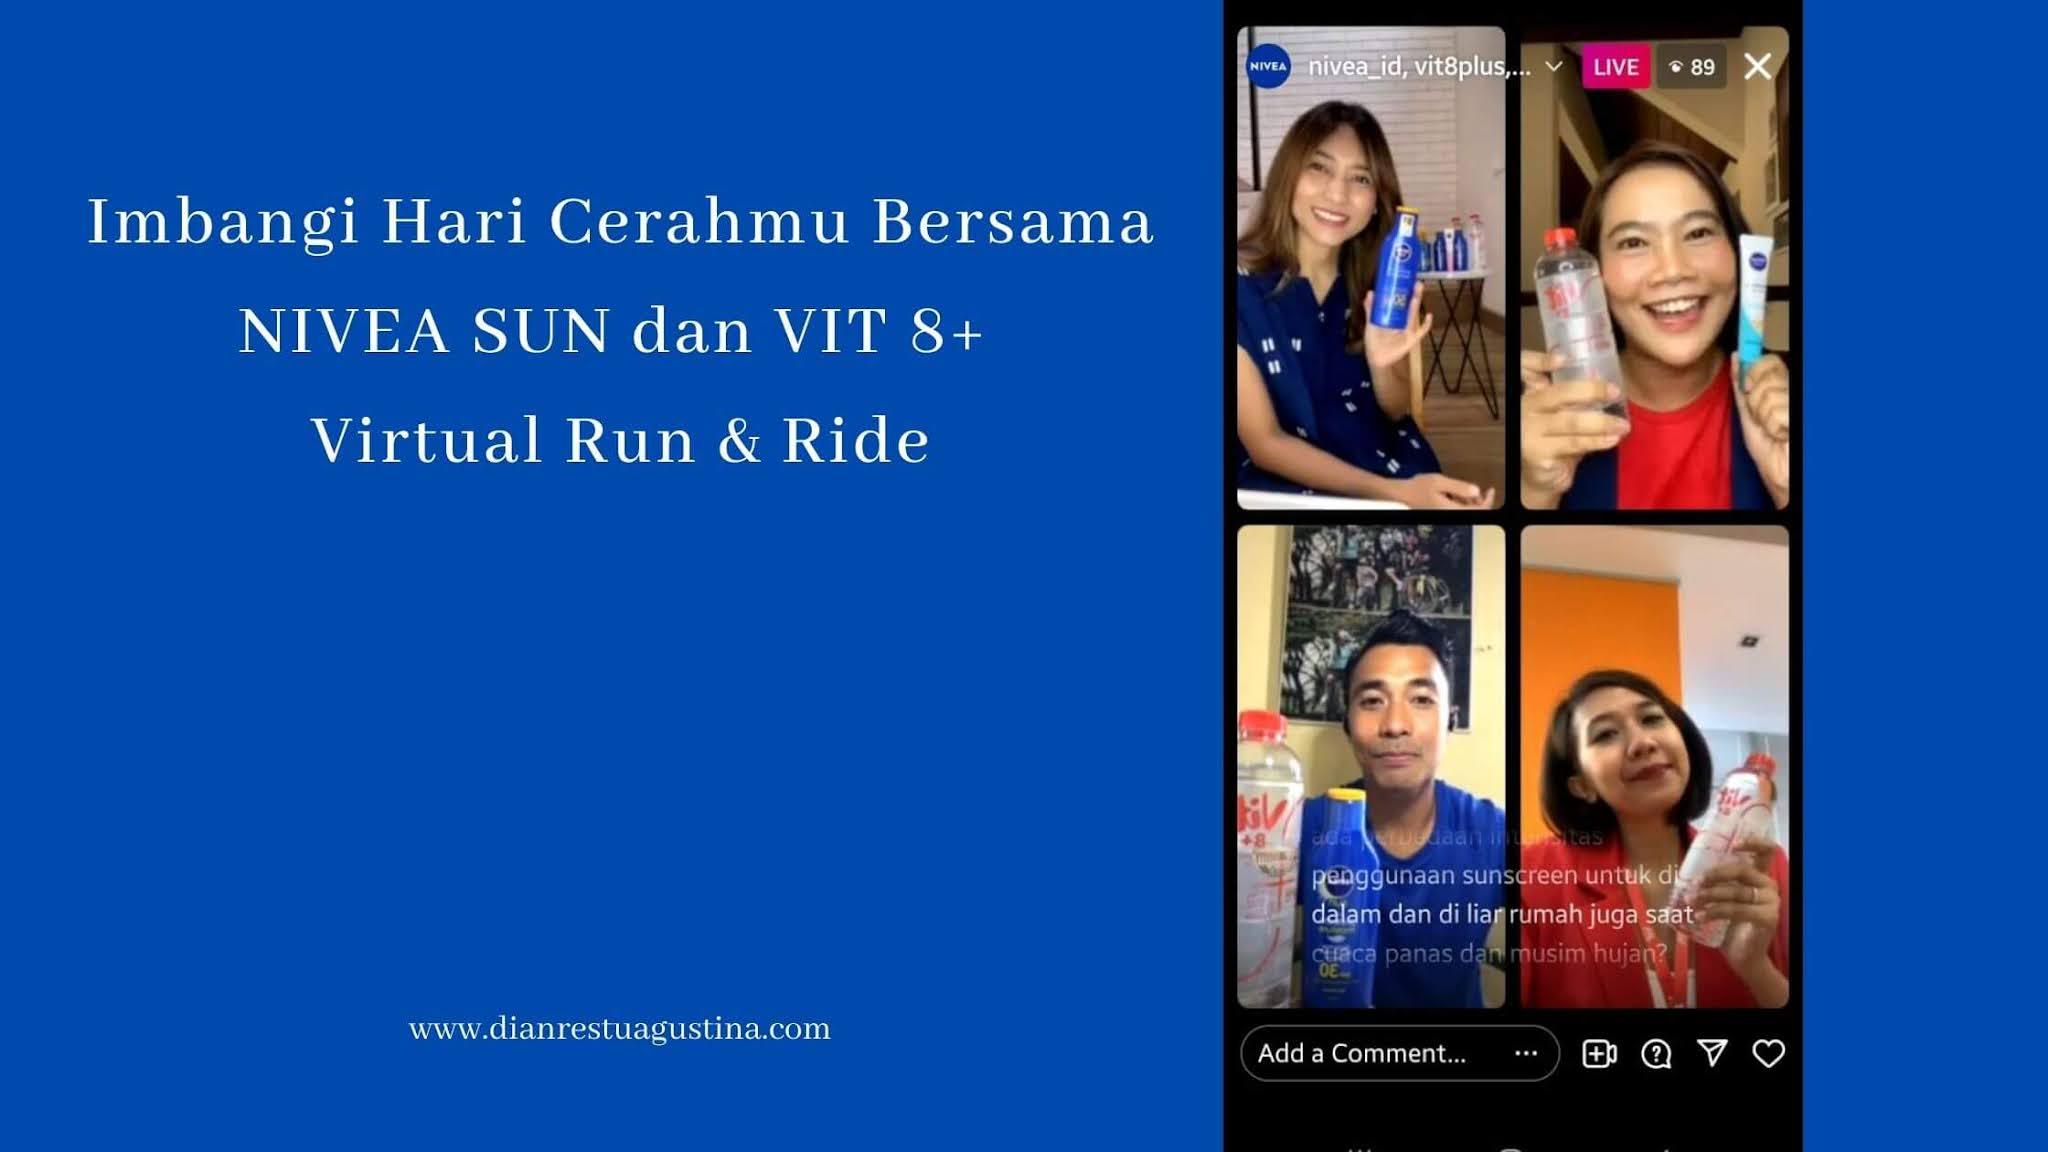 NIVEA SUN dan VIT 8+ Virtual Run & Ride